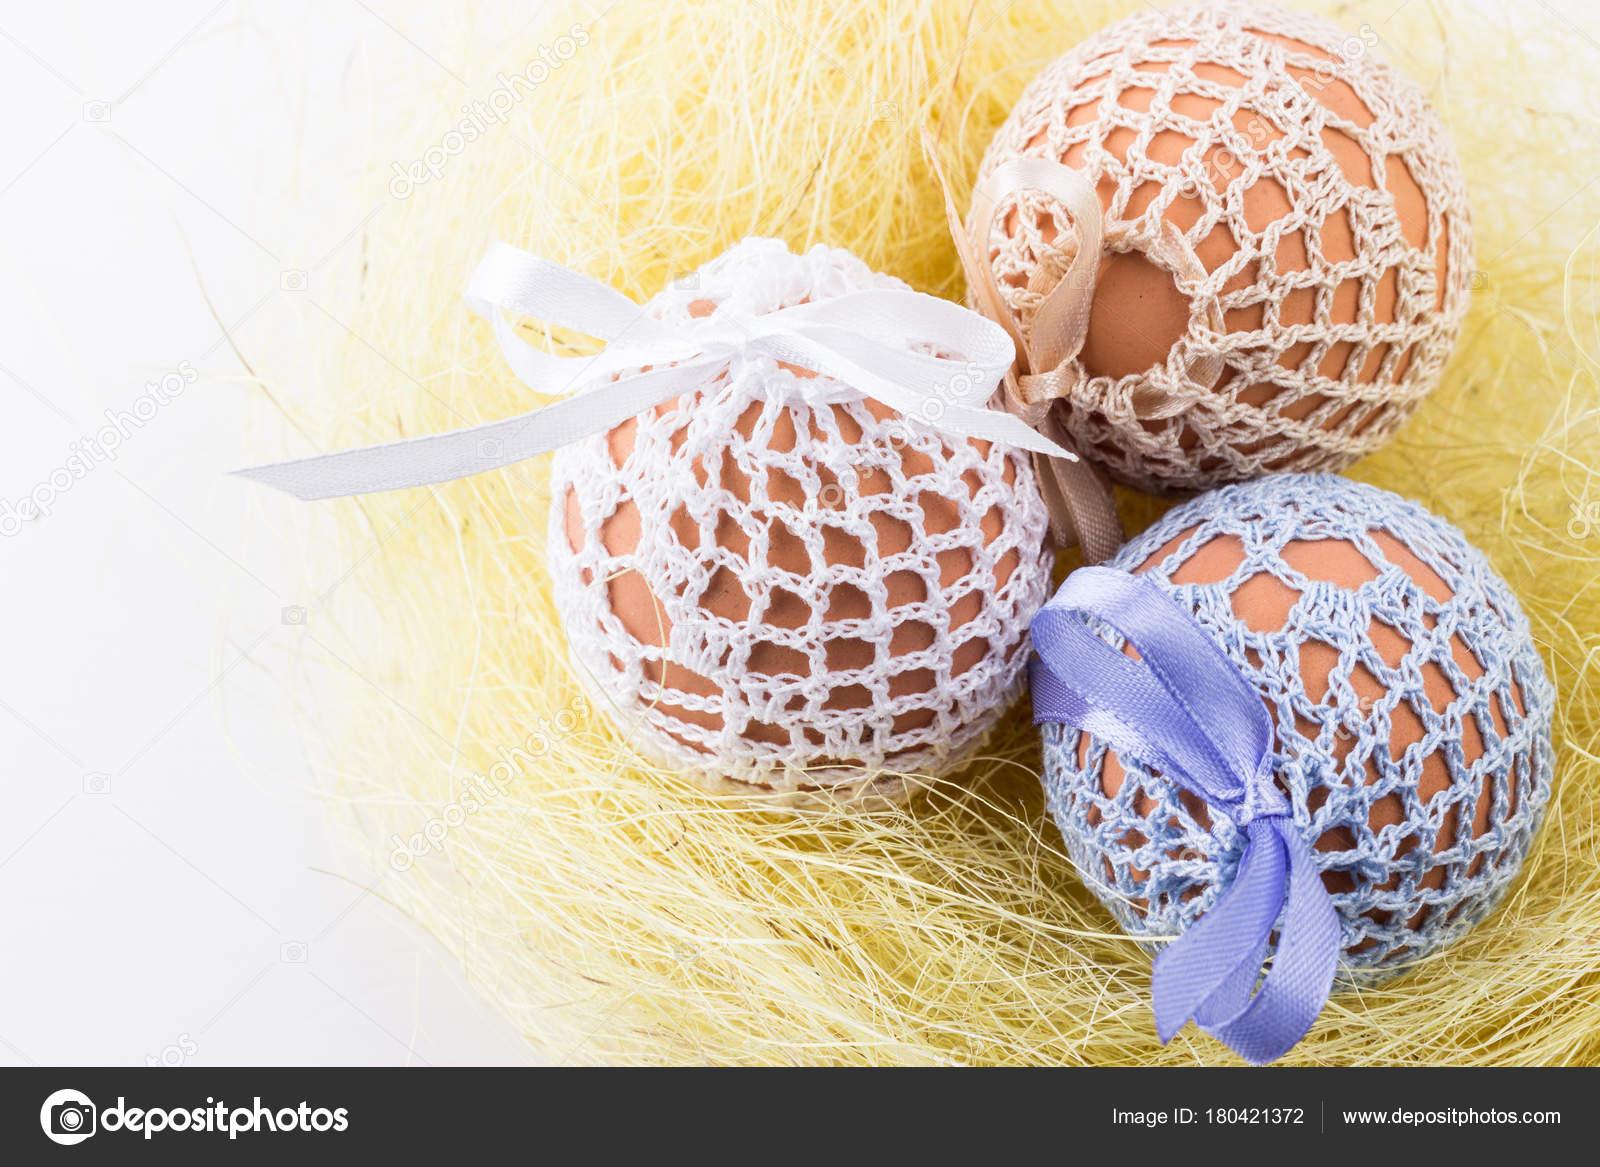 84a7b1eb51 Tři Velikonoční Vejce Pletené Tašky Domácí Žlutá Hnízdo Jarní Výzdobou —  Stock fotografie